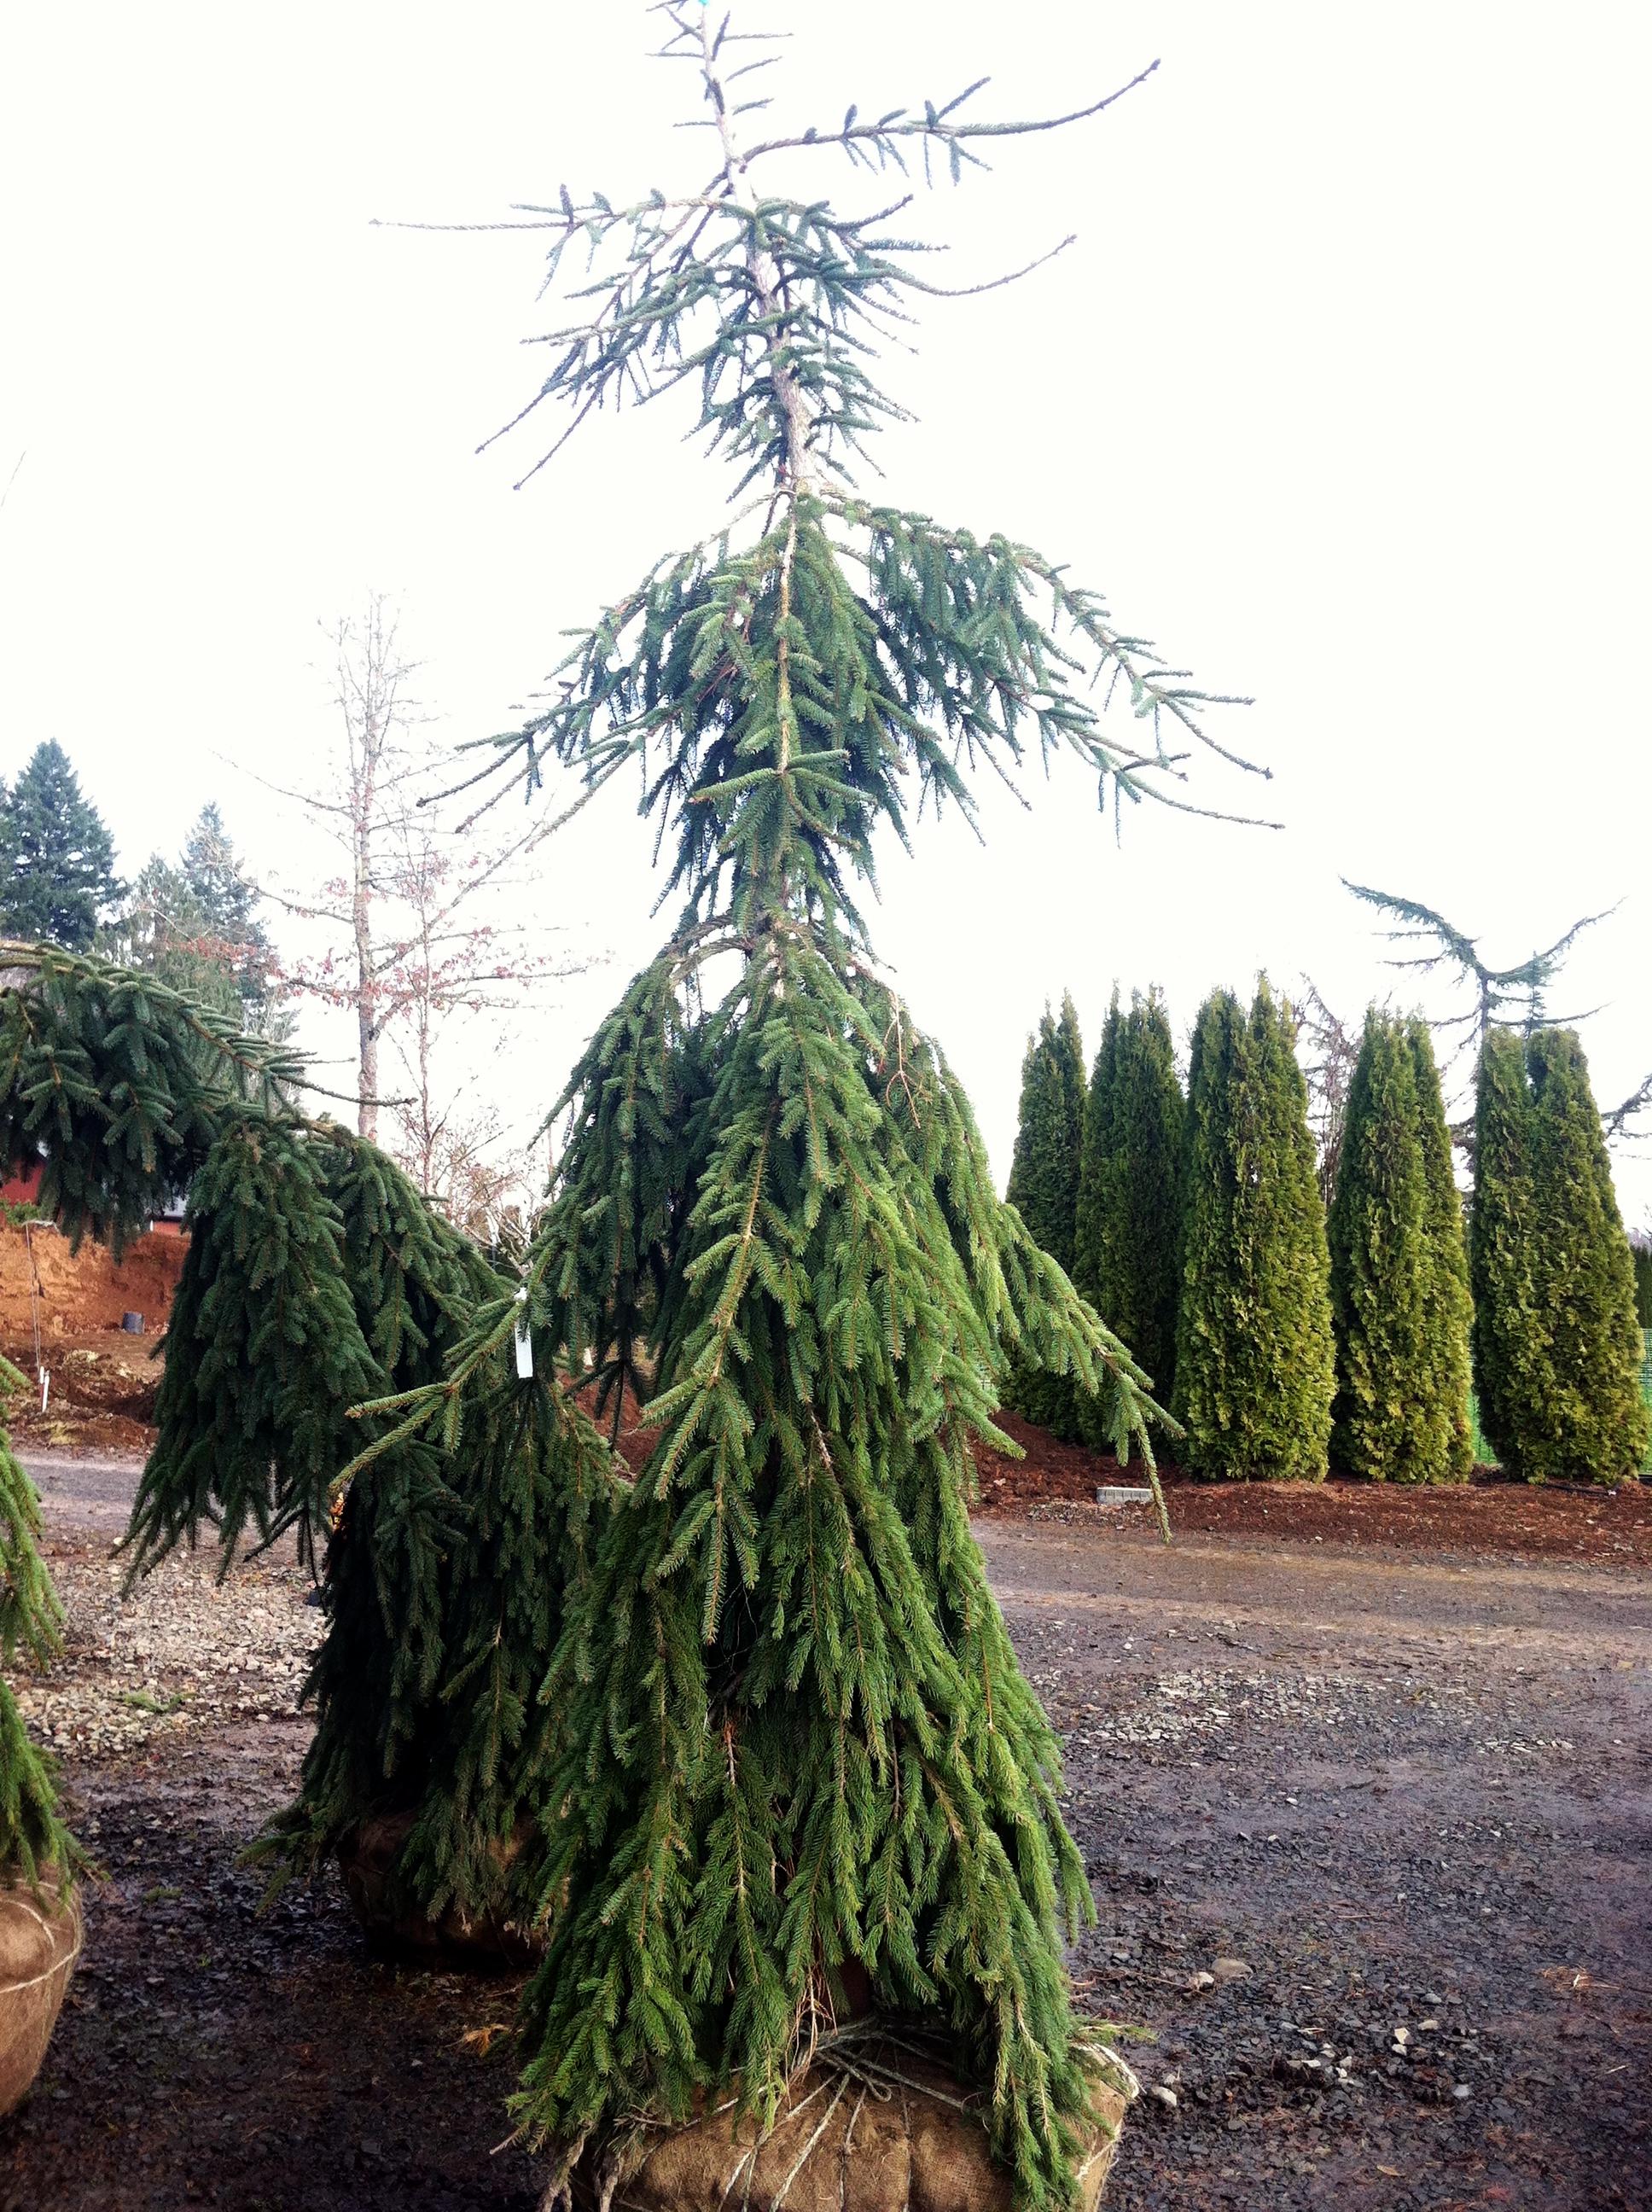 Picea abies  'Glauca' Pendula' transplant